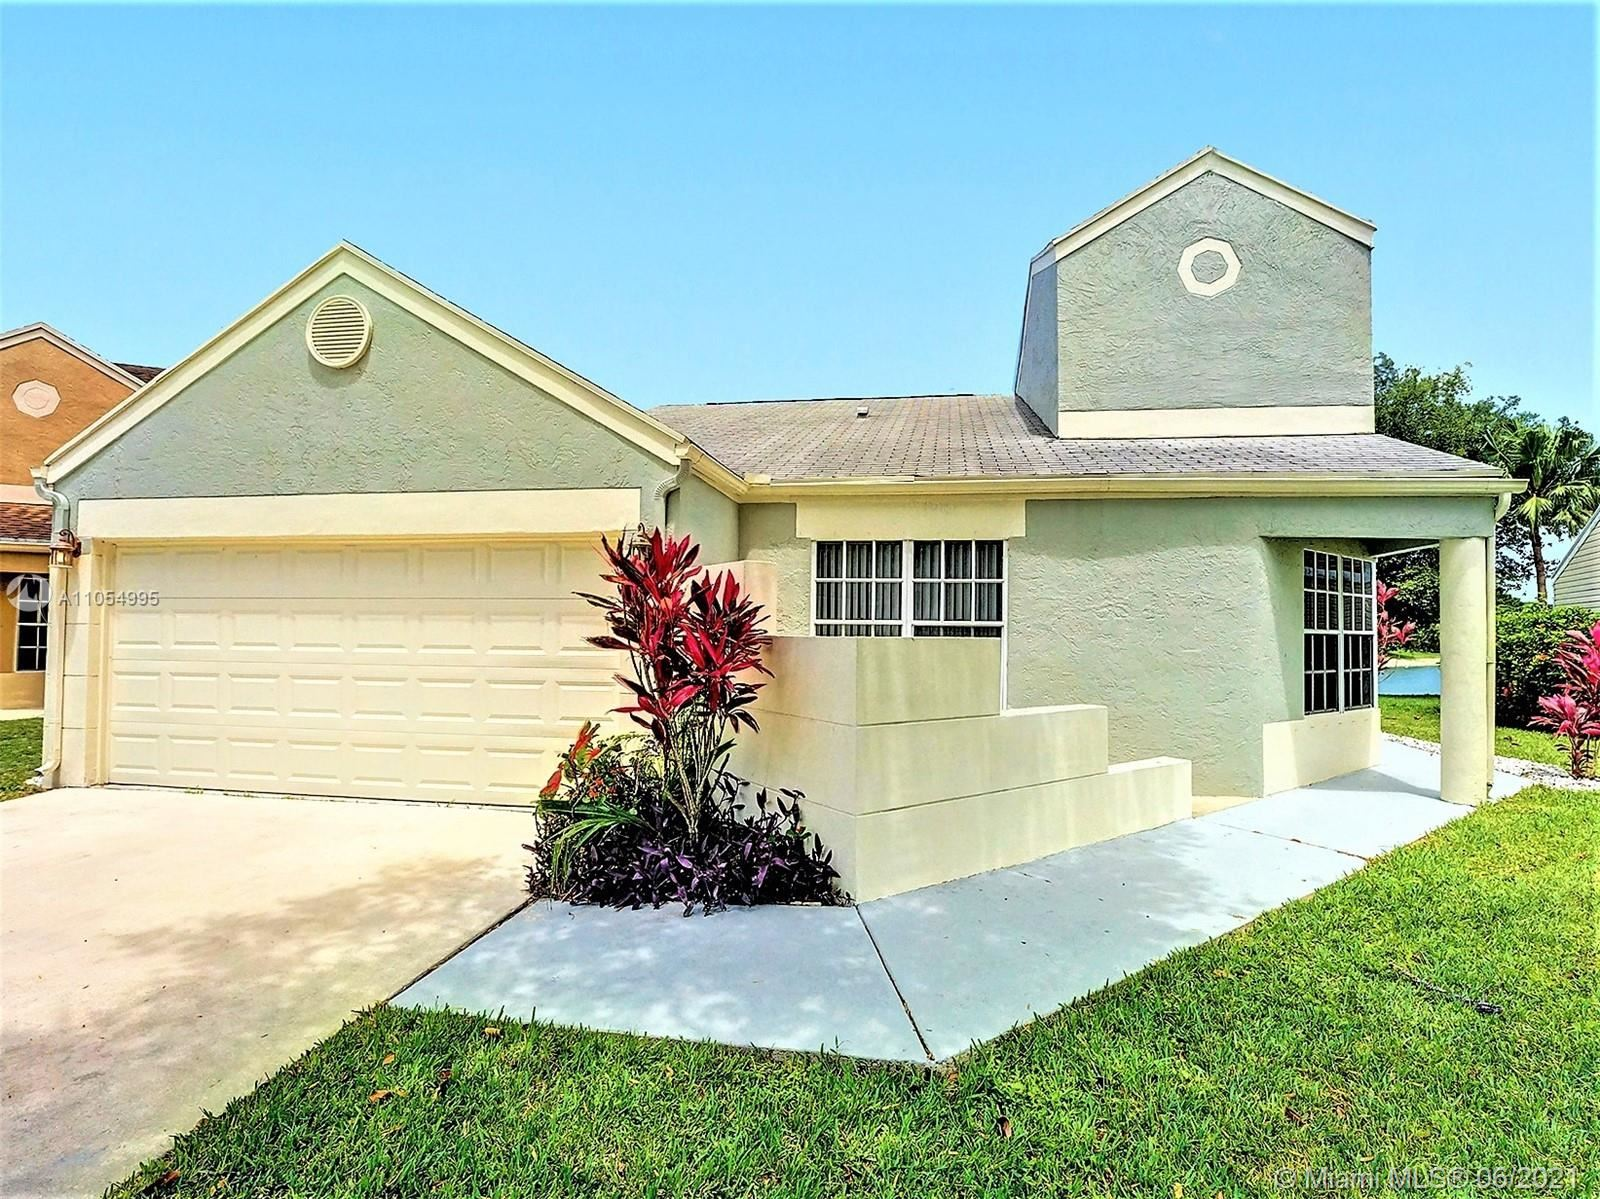 8547 Dynasty Dr, Boca Raton, FL 33433 - #: A11054995